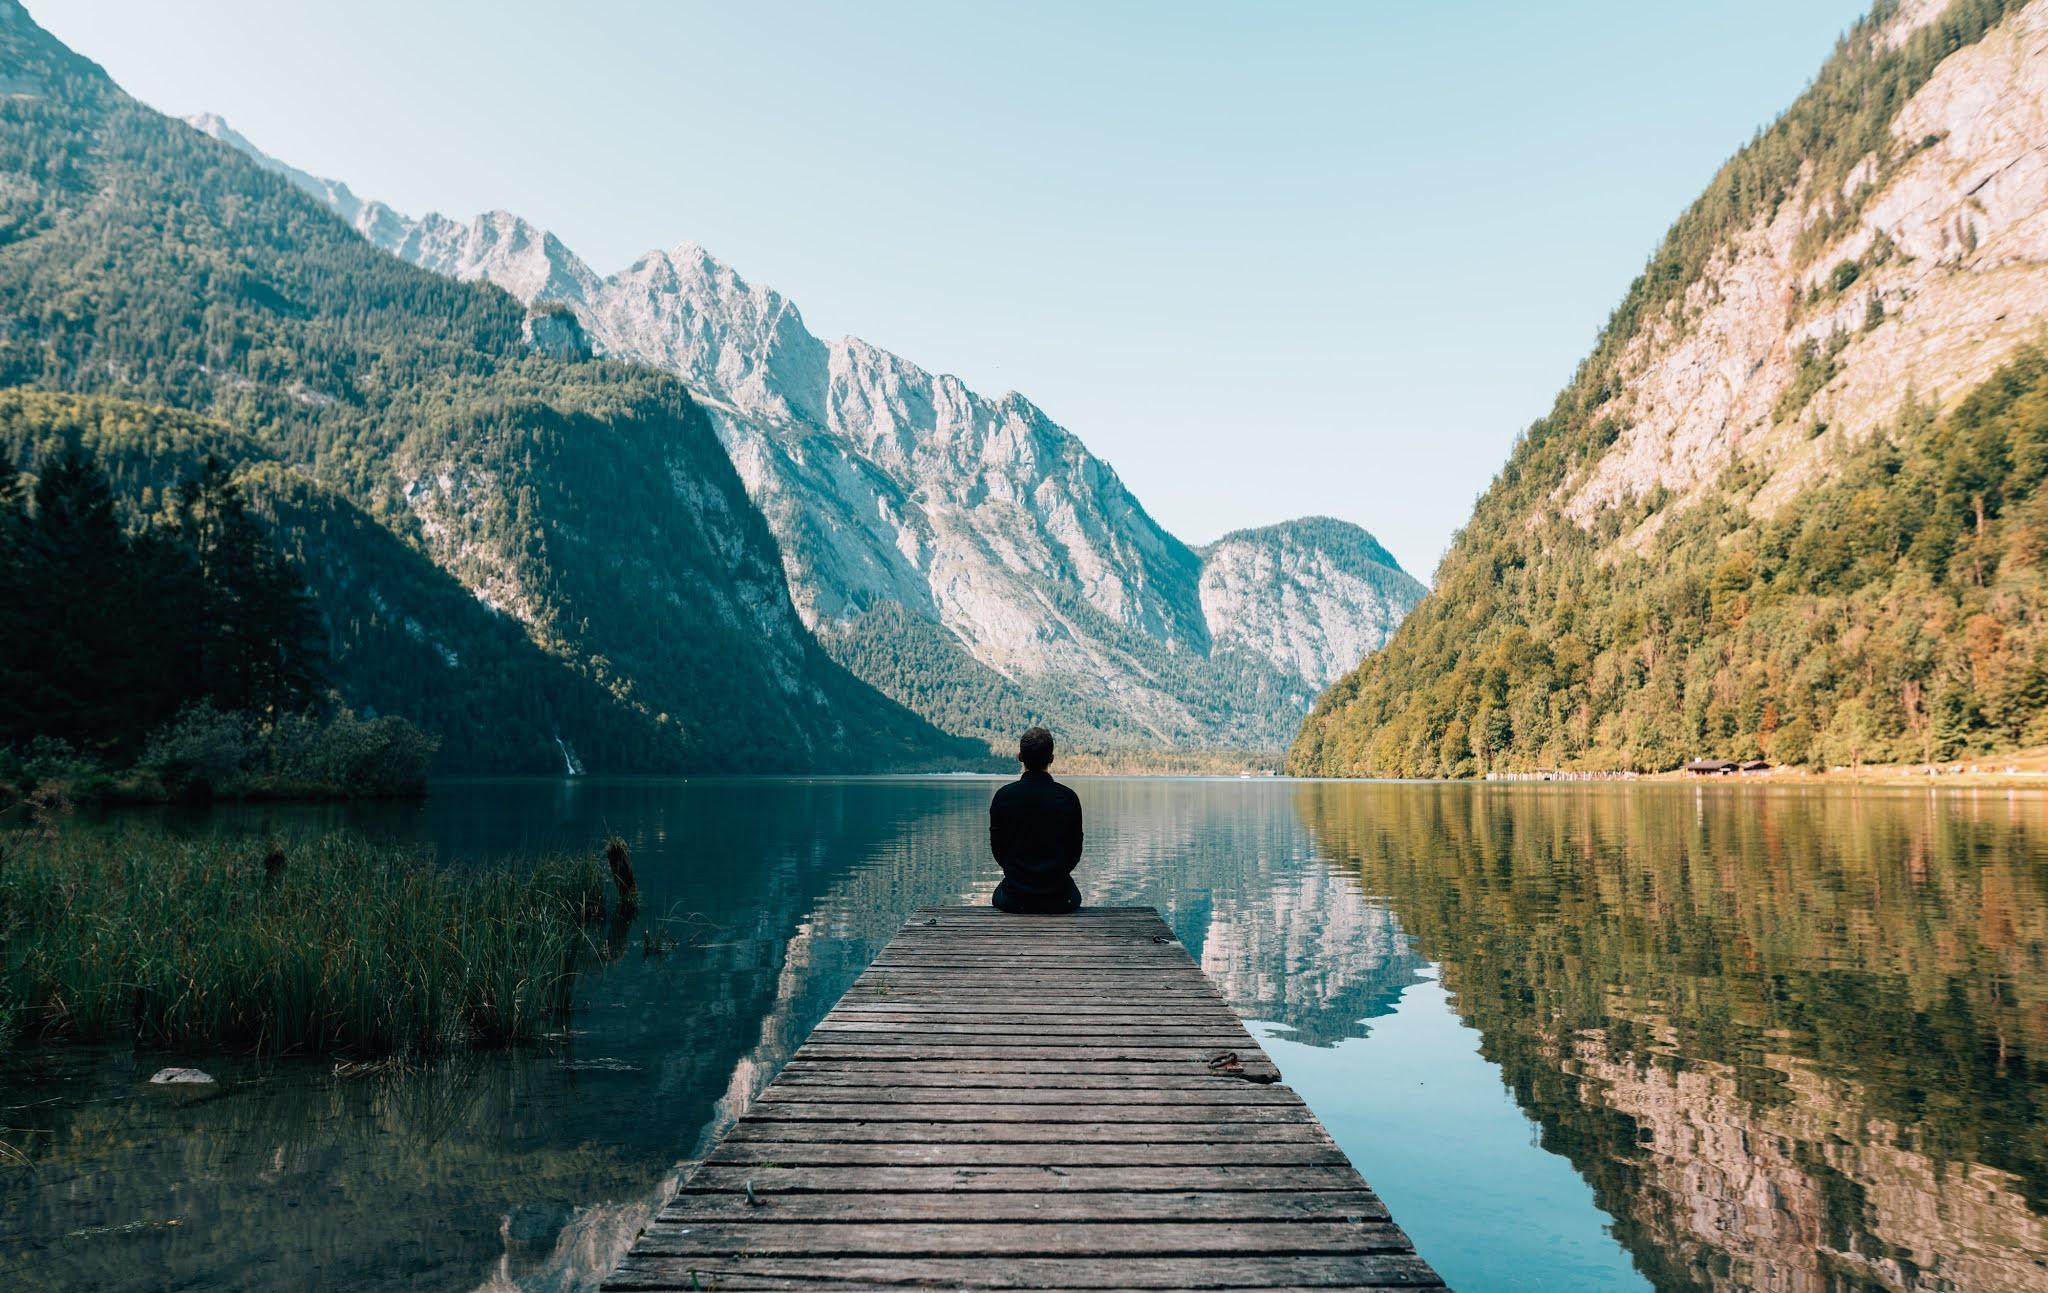 تعريف اليقظة (تركيز كامل الذهن) وتأثيرها على الصحة العقلية